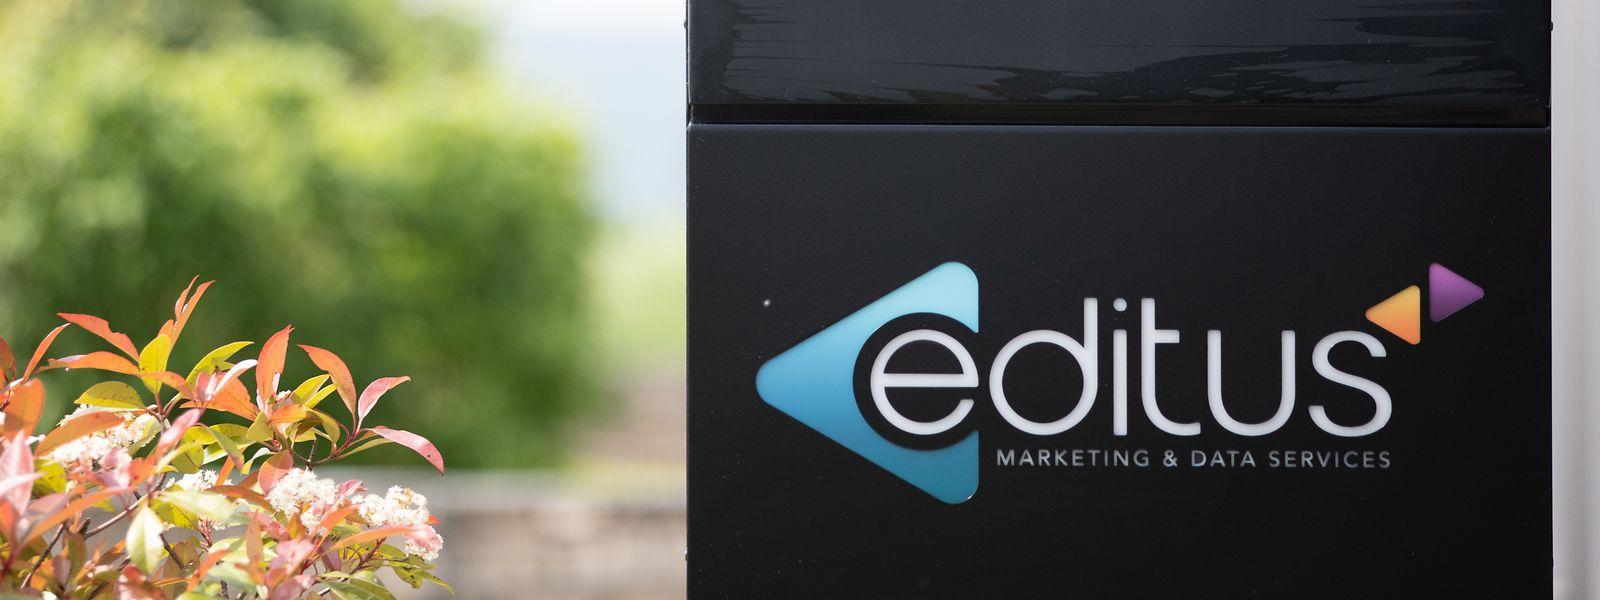 Der Sitz von Editus in der Noertzinger Straße in Kayl. Das Unternehmen ist seit Jahrzehnten für seine Telefonbücher bekannt, bietet aber mehr – viel mehr.